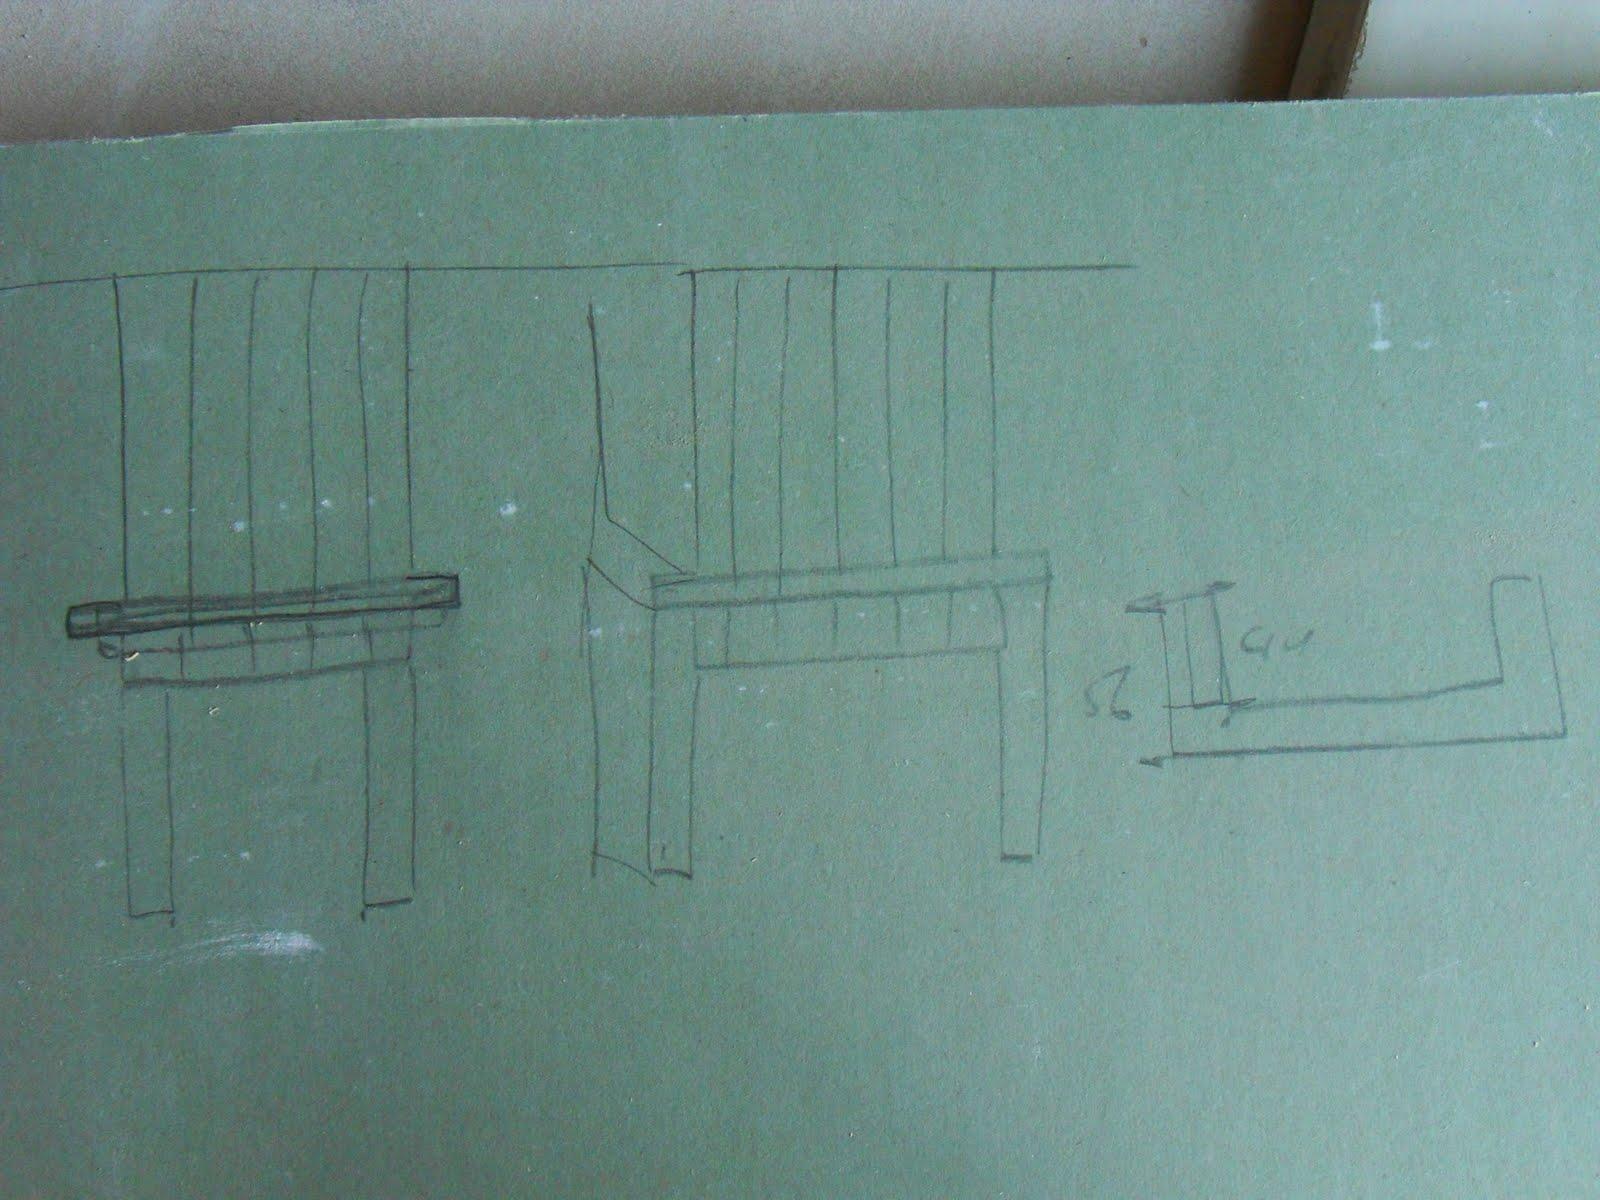 Keuken Schouw Zelf Maken : tekeningen van de te maken schouw in de keuken